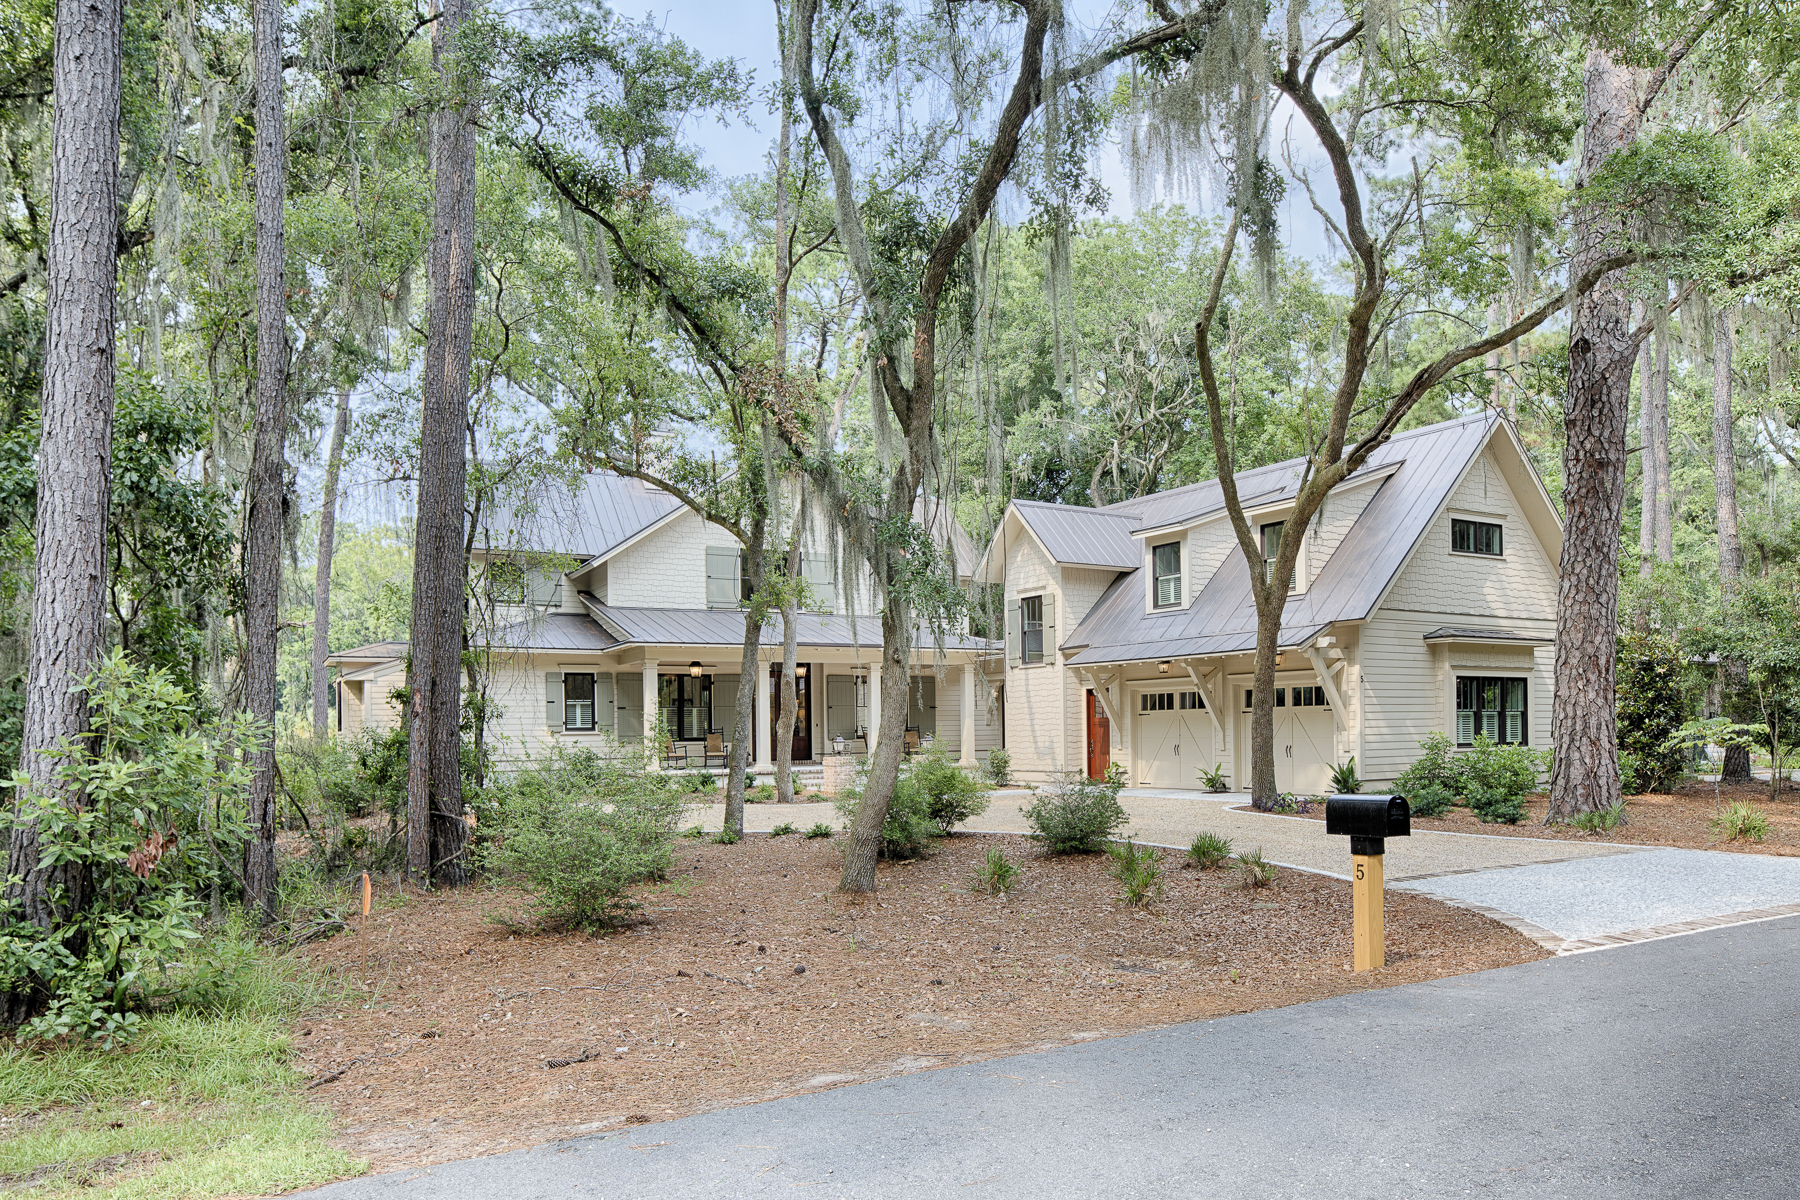 独户住宅 为 销售 在 5 High Hope Way Palmetto Bluff, 布拉夫顿, 南卡罗来纳州 29910 美国